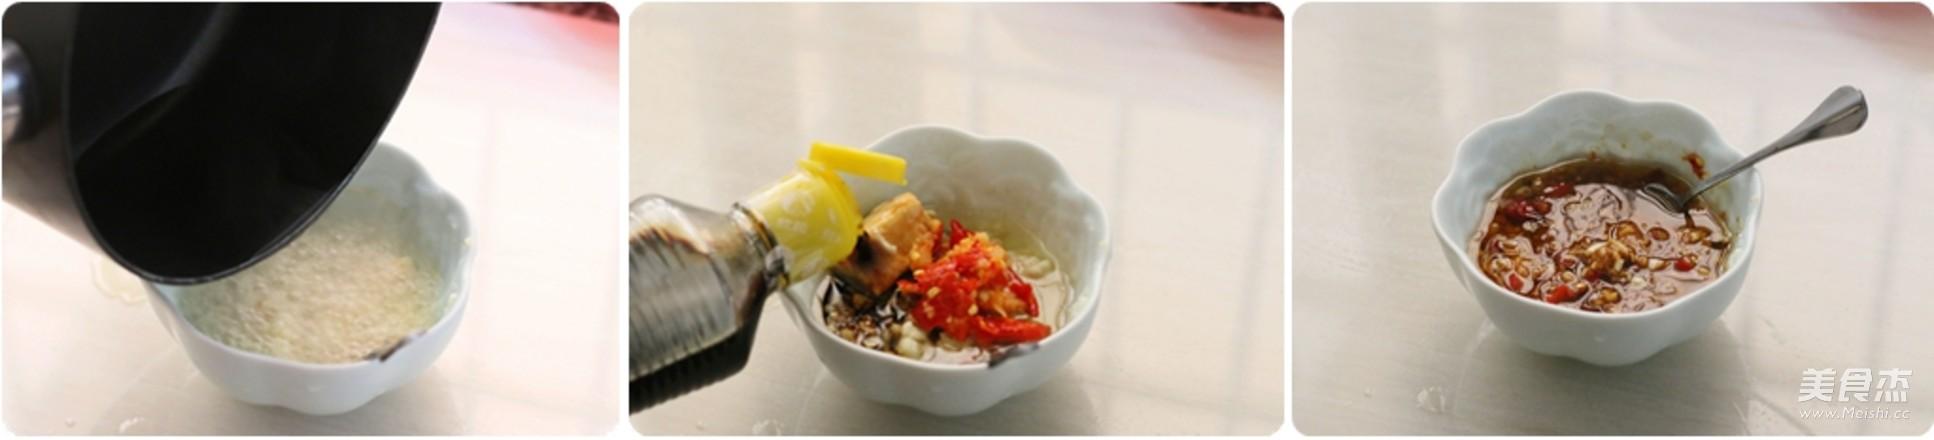 砂锅羊肉粉丝煲的简单做法